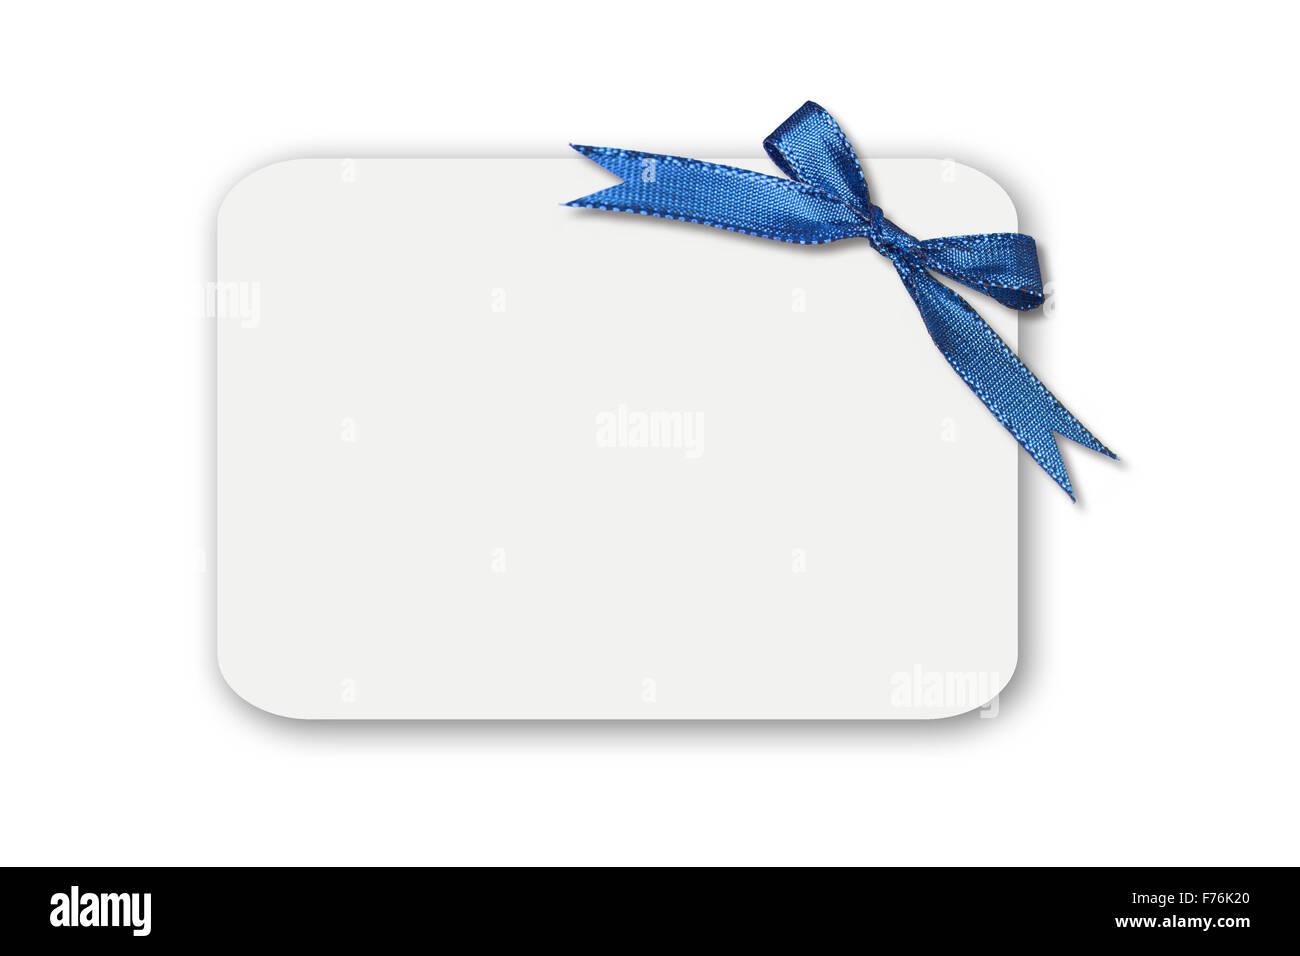 Christmas Gift Name Tag Stock Photos & Christmas Gift Name Tag Stock ...